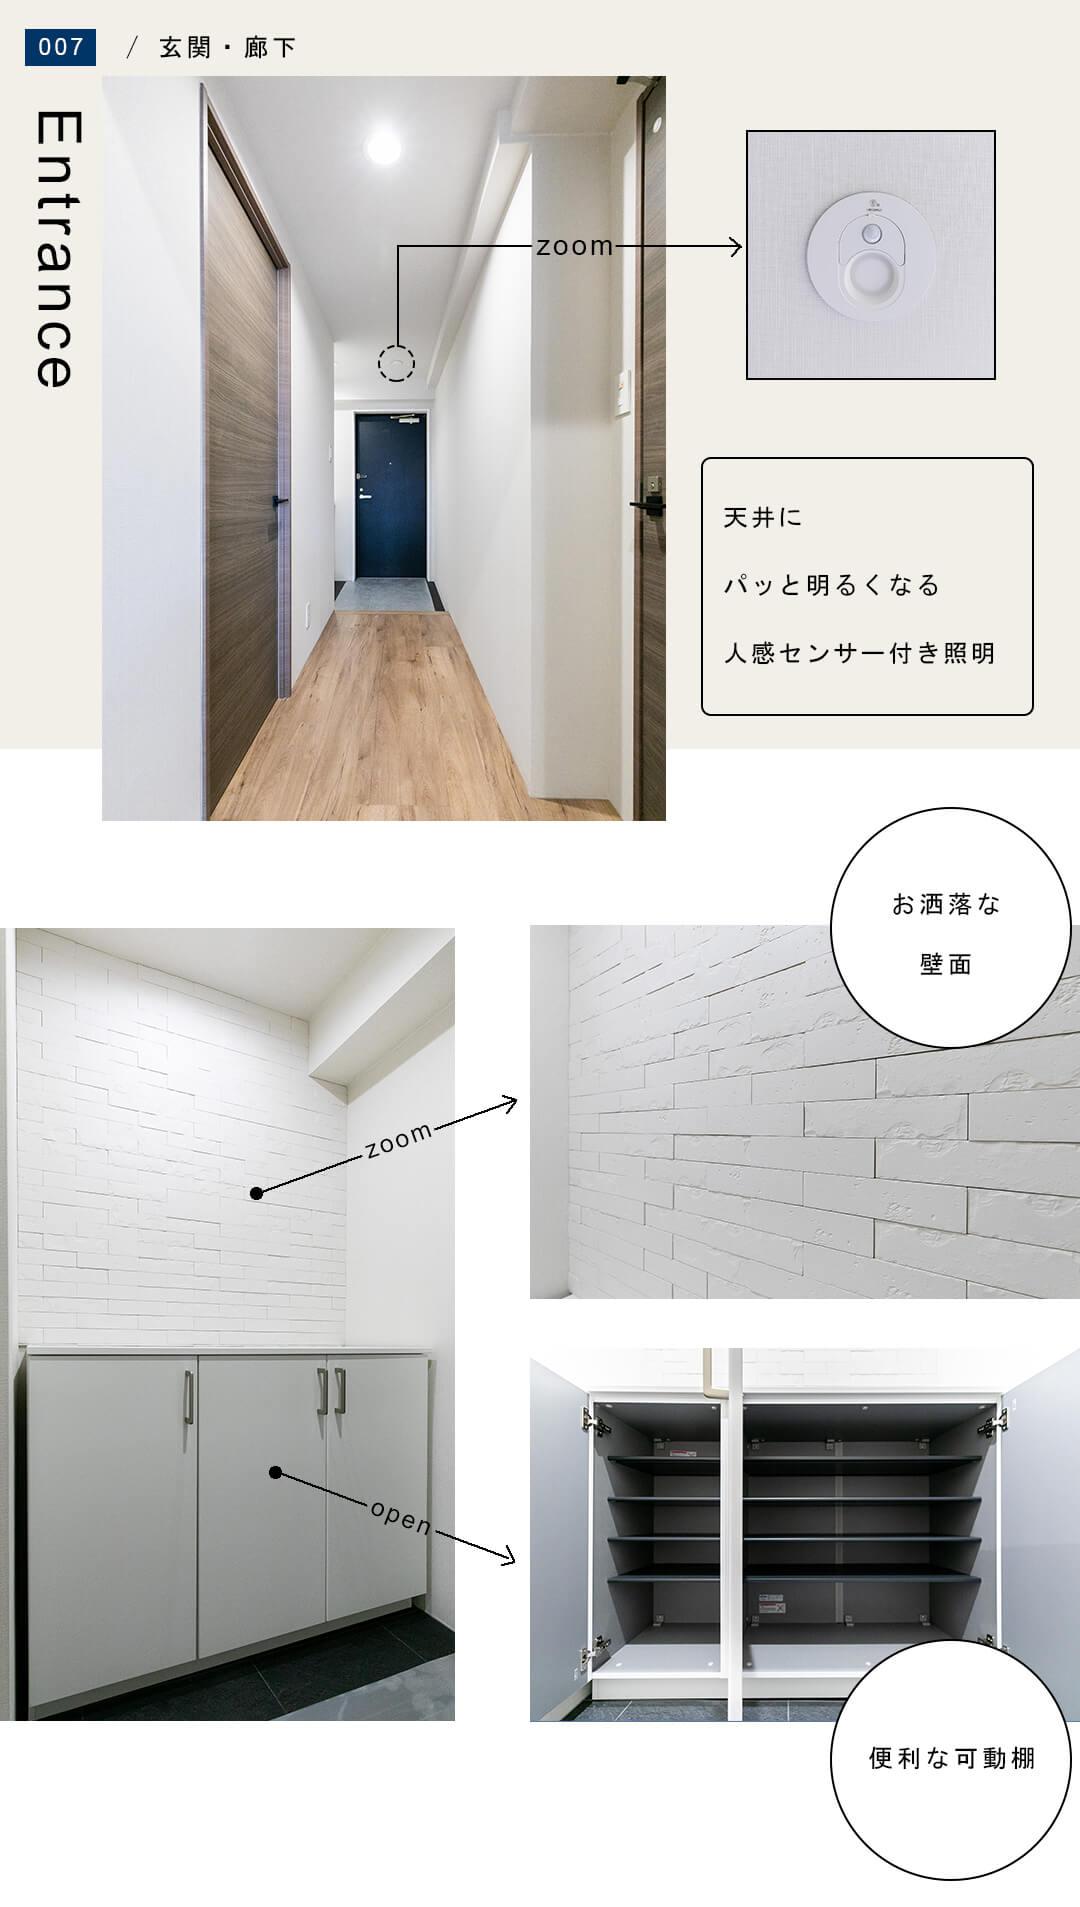 ライオンズマンション新宿柏木 404の玄関